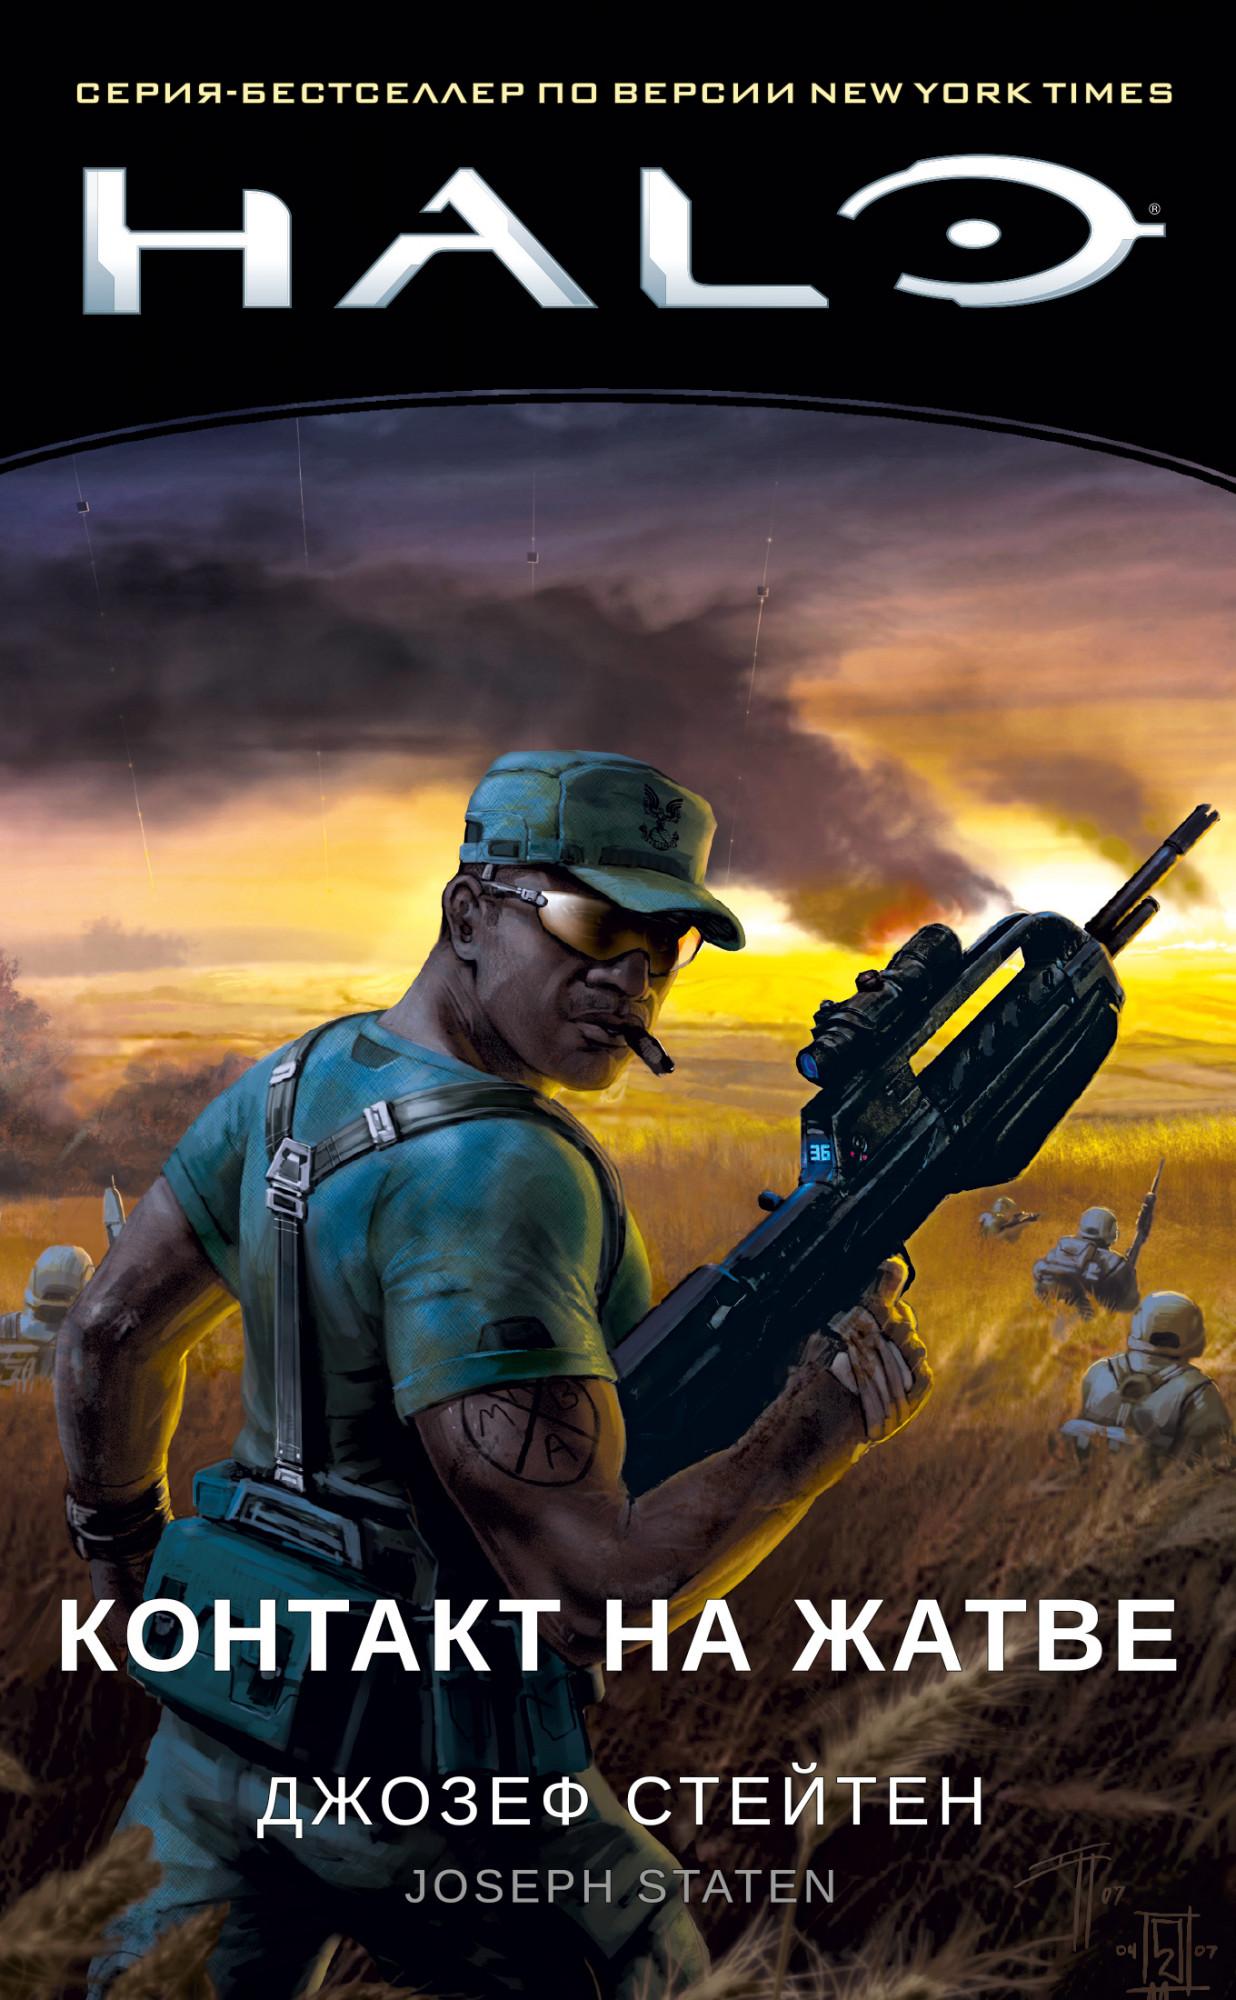 Книга на украинском языке «Halo. Контакт на Жатве»